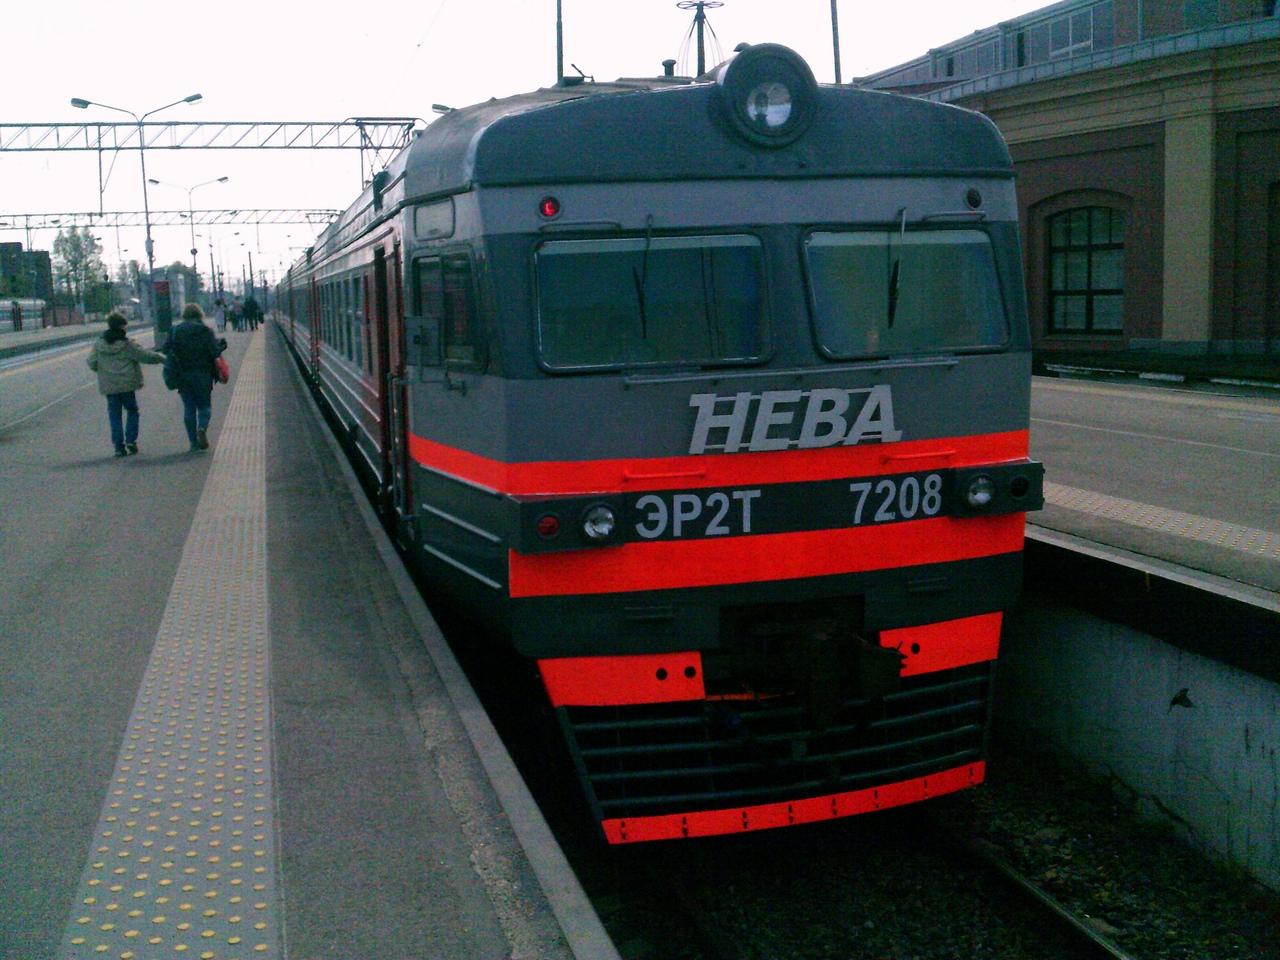 ЭР2Т-7208 - последняя электричка Советского Союза в России